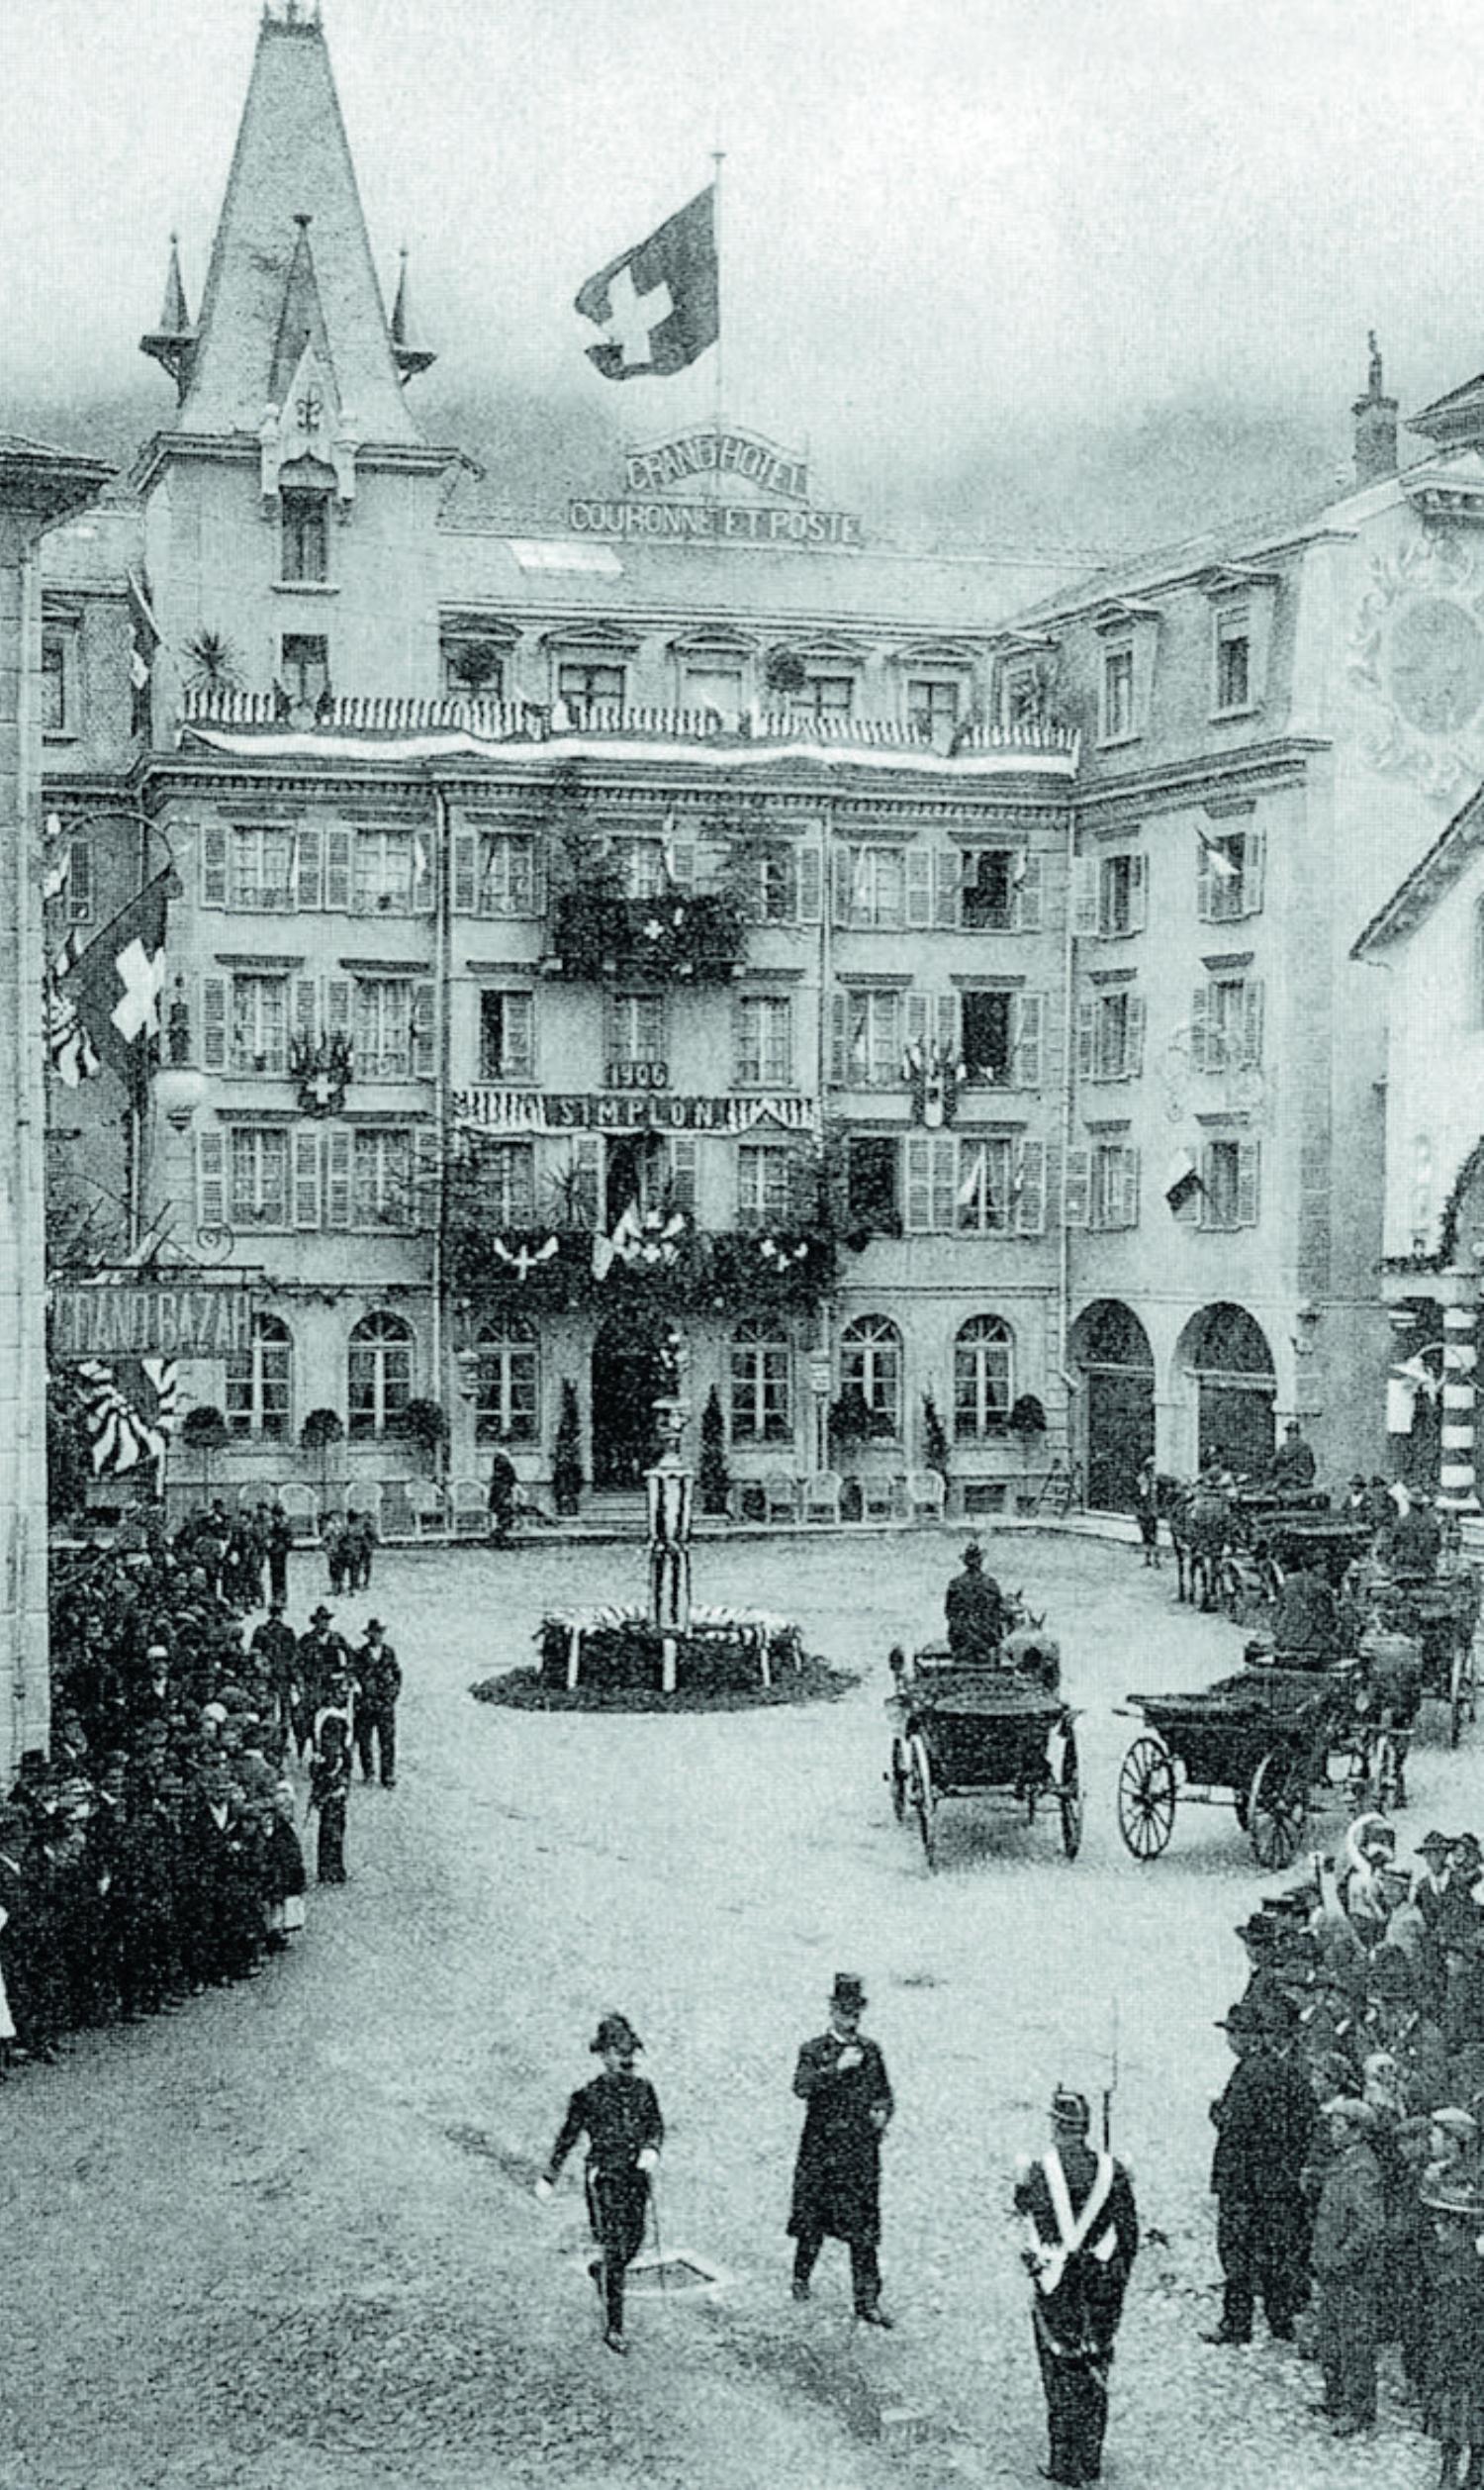 Hotel Couronne et Poste in Brig in seiner  Glanzzeit 1906,  anlässlich der Eröffnung des Simplontunnels,  in welchem Chavez 1910 Quartier bezog